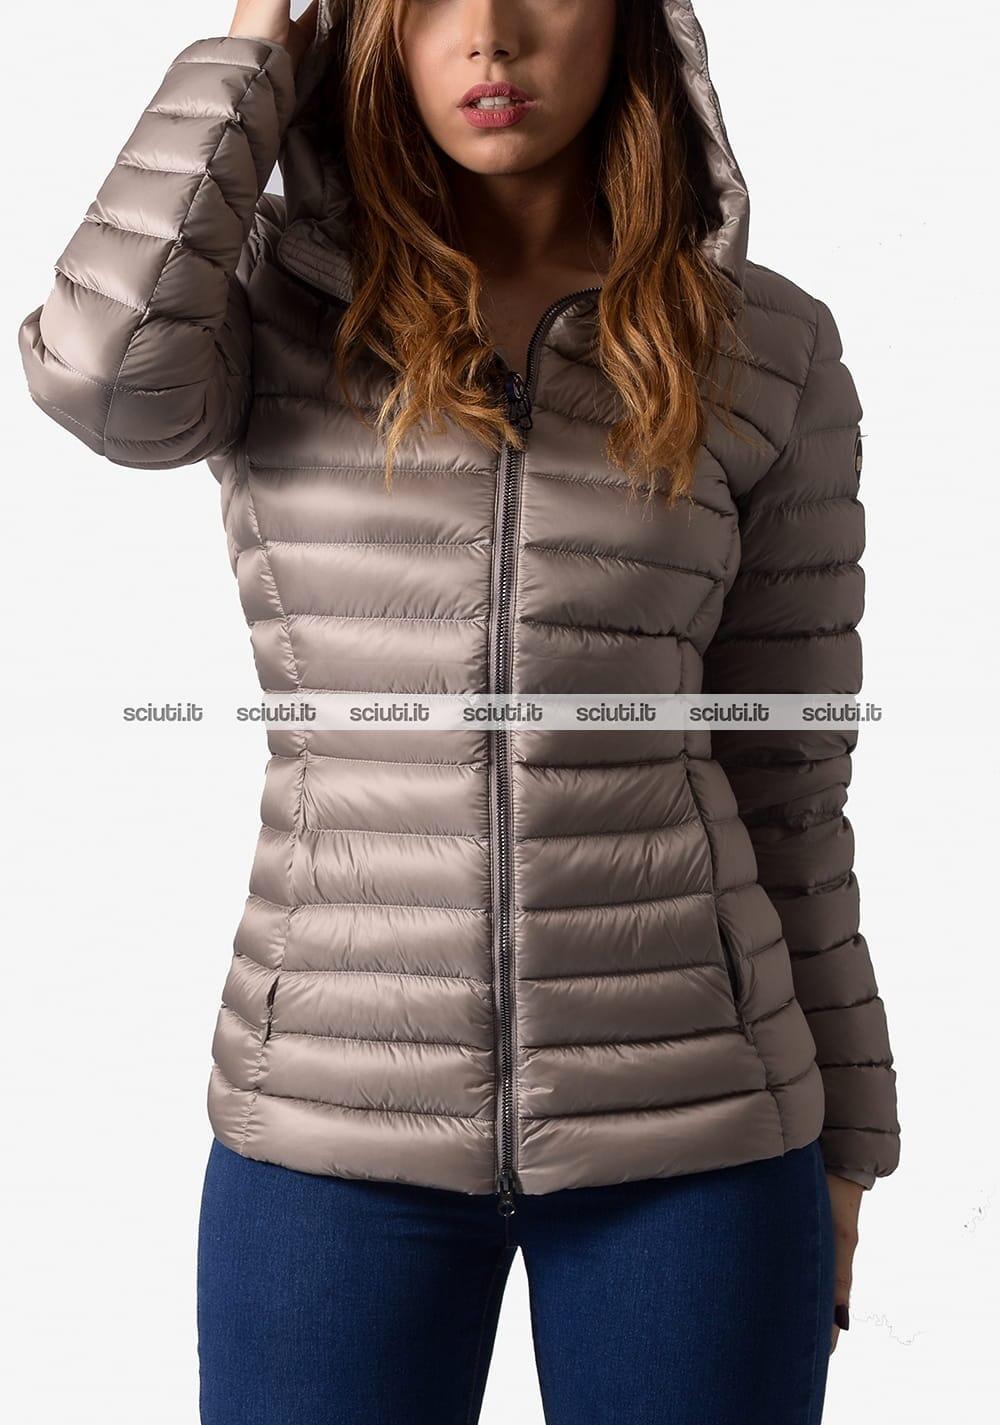 quality design d90f1 24336 Piumino pesante Colmar donna con cappuccio grigio chiaro